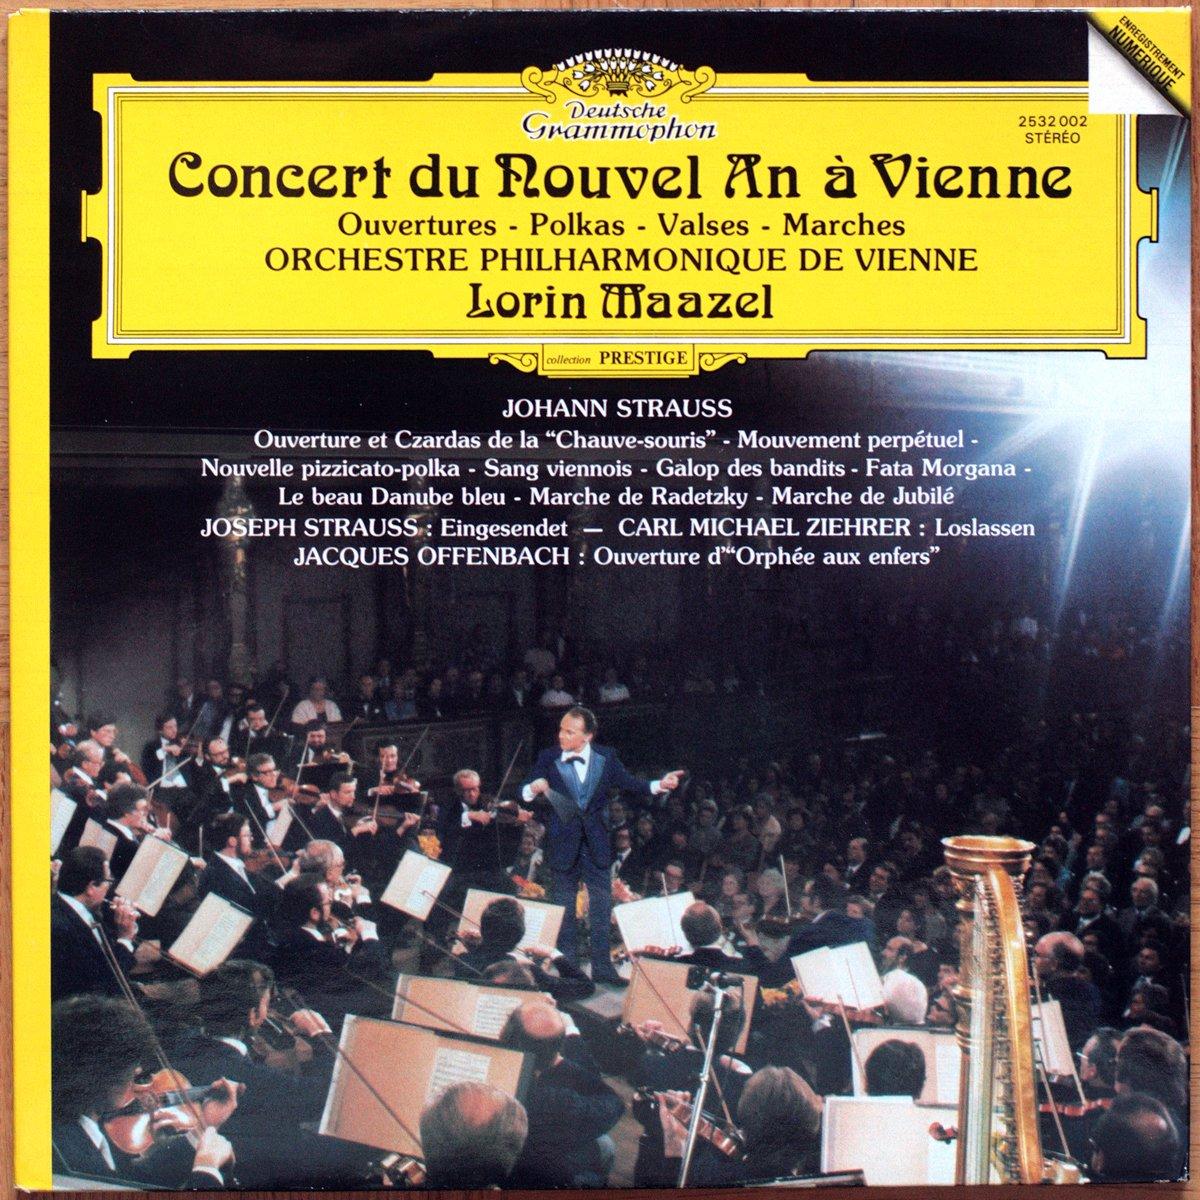 DGG 2532001 Strauss Valses Concert Nouvel An Maazel